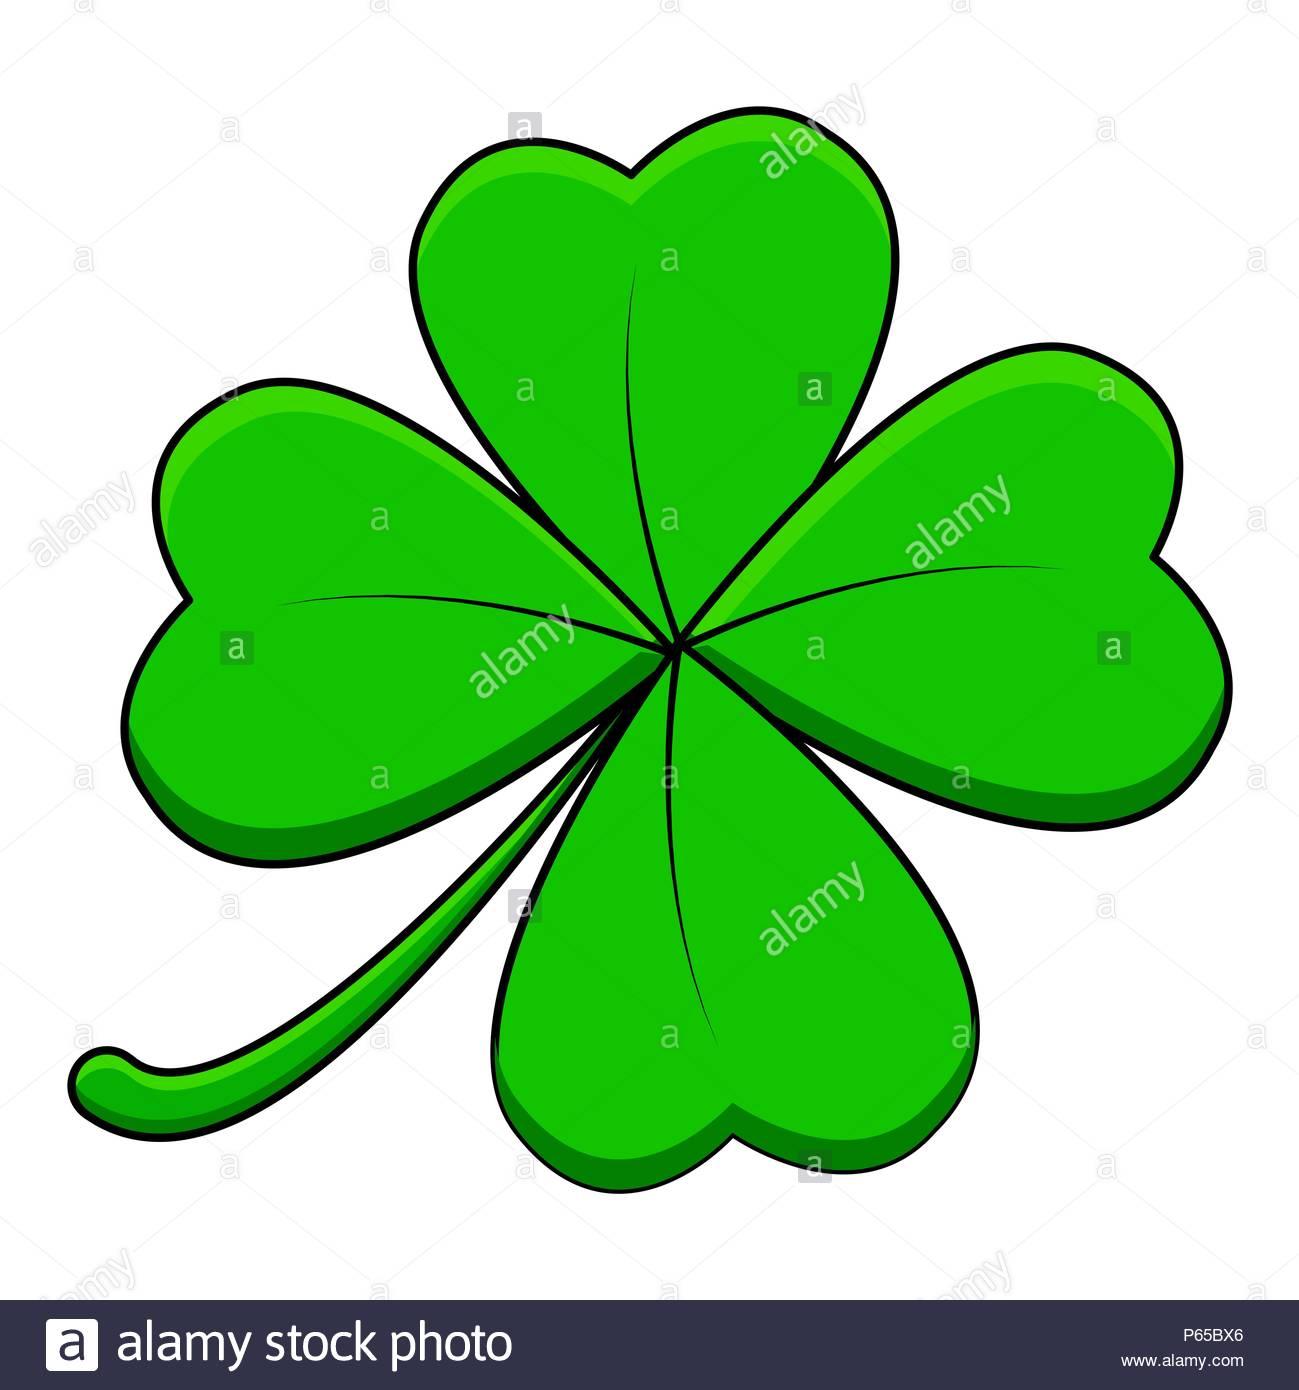 Four Leaf Clover Cartoon Icon Stock Photos & Four Leaf Clover.